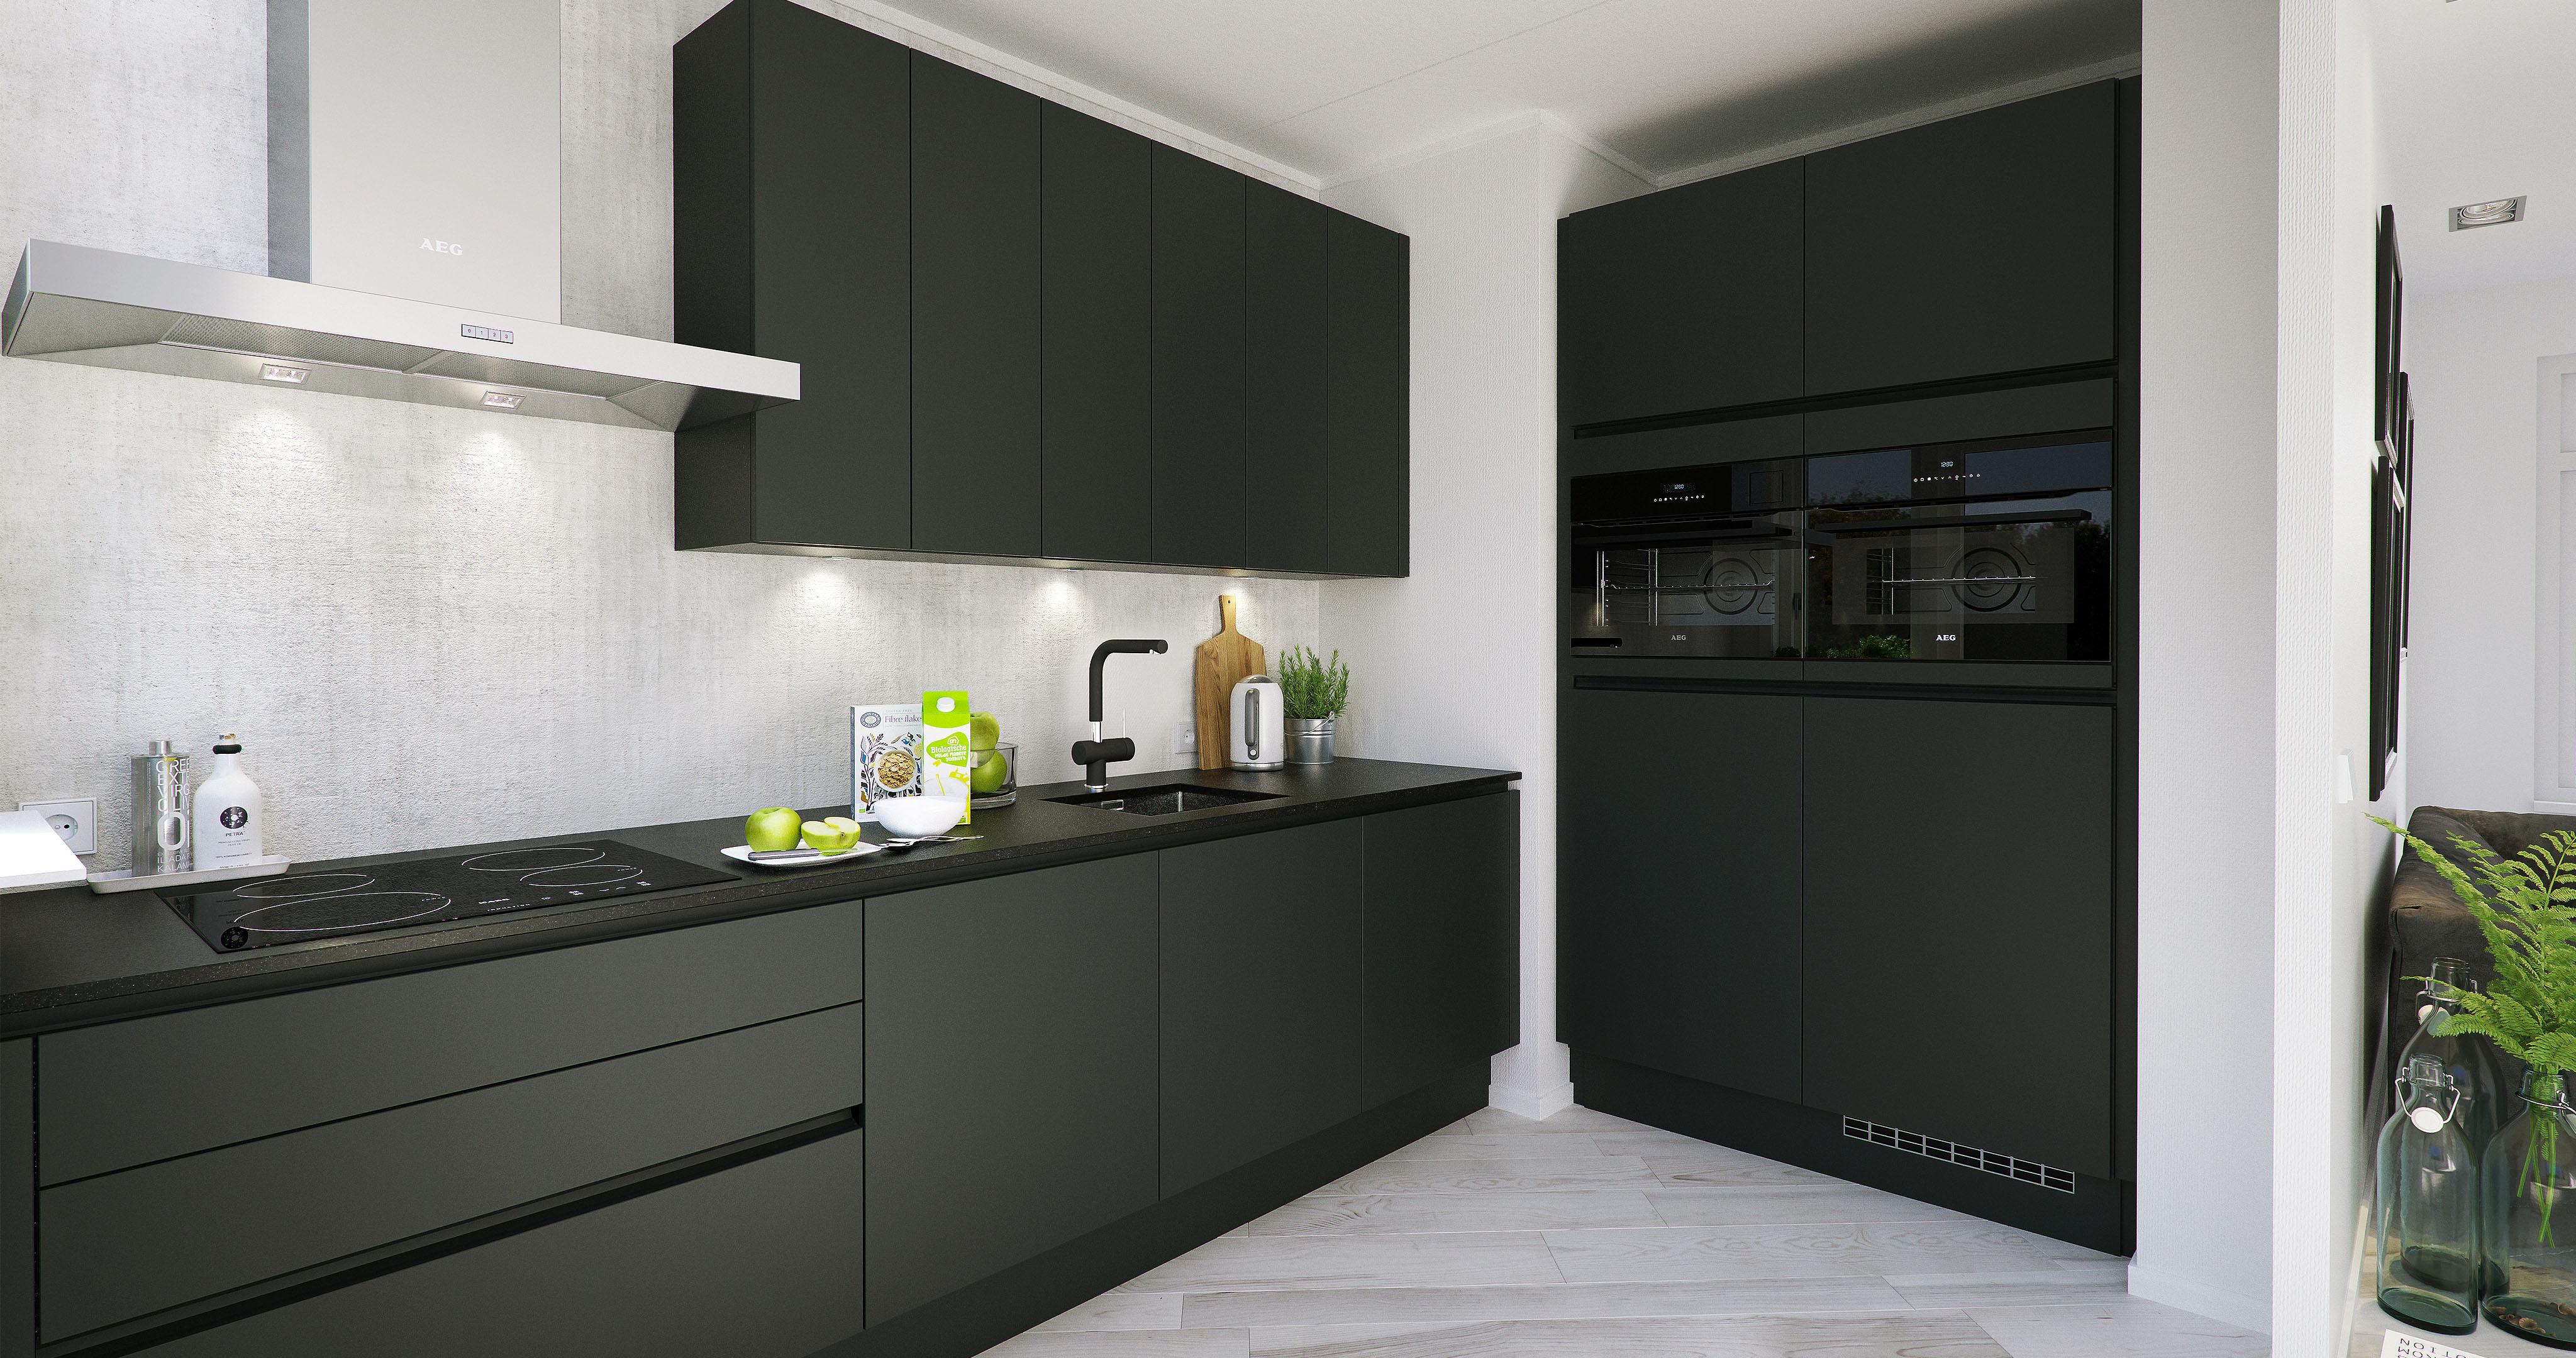 Bruynzeel keukens breda luxe best keuken images